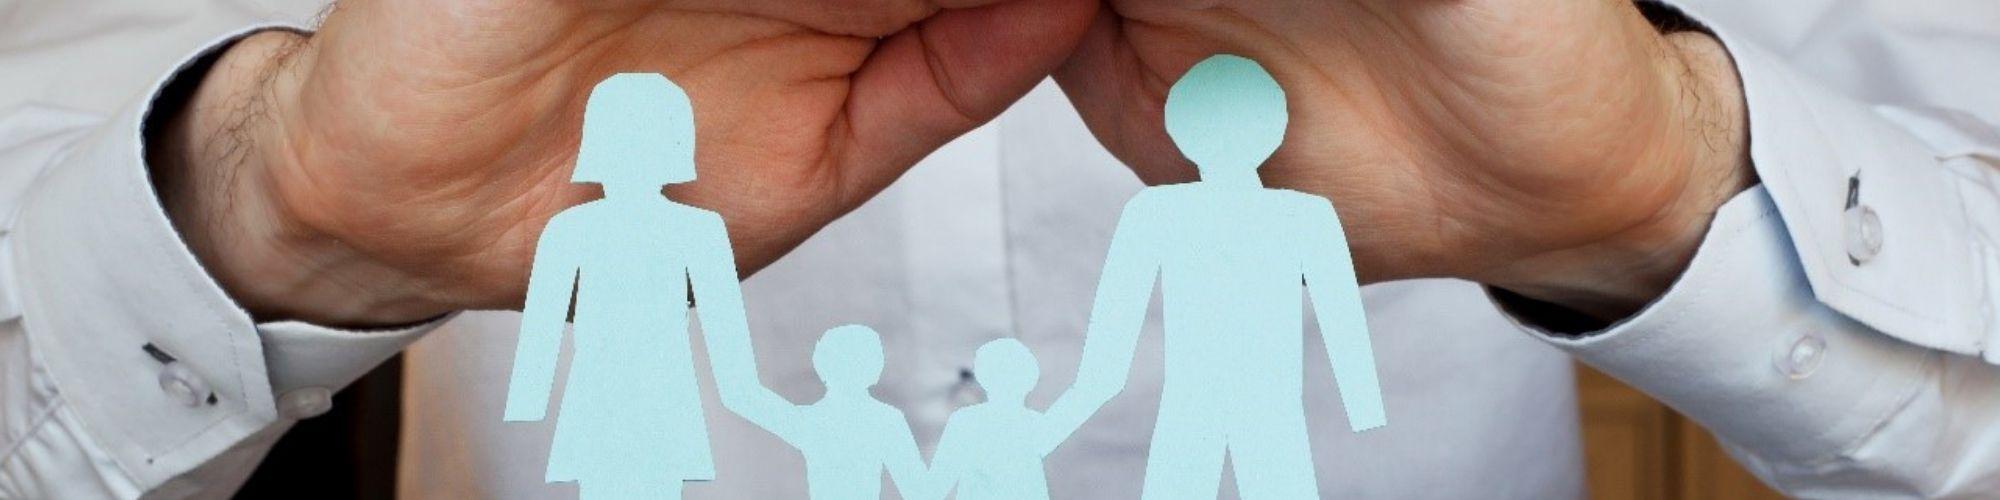 Imagen de una familia con muñecos depapel para contratar el seguro de vida